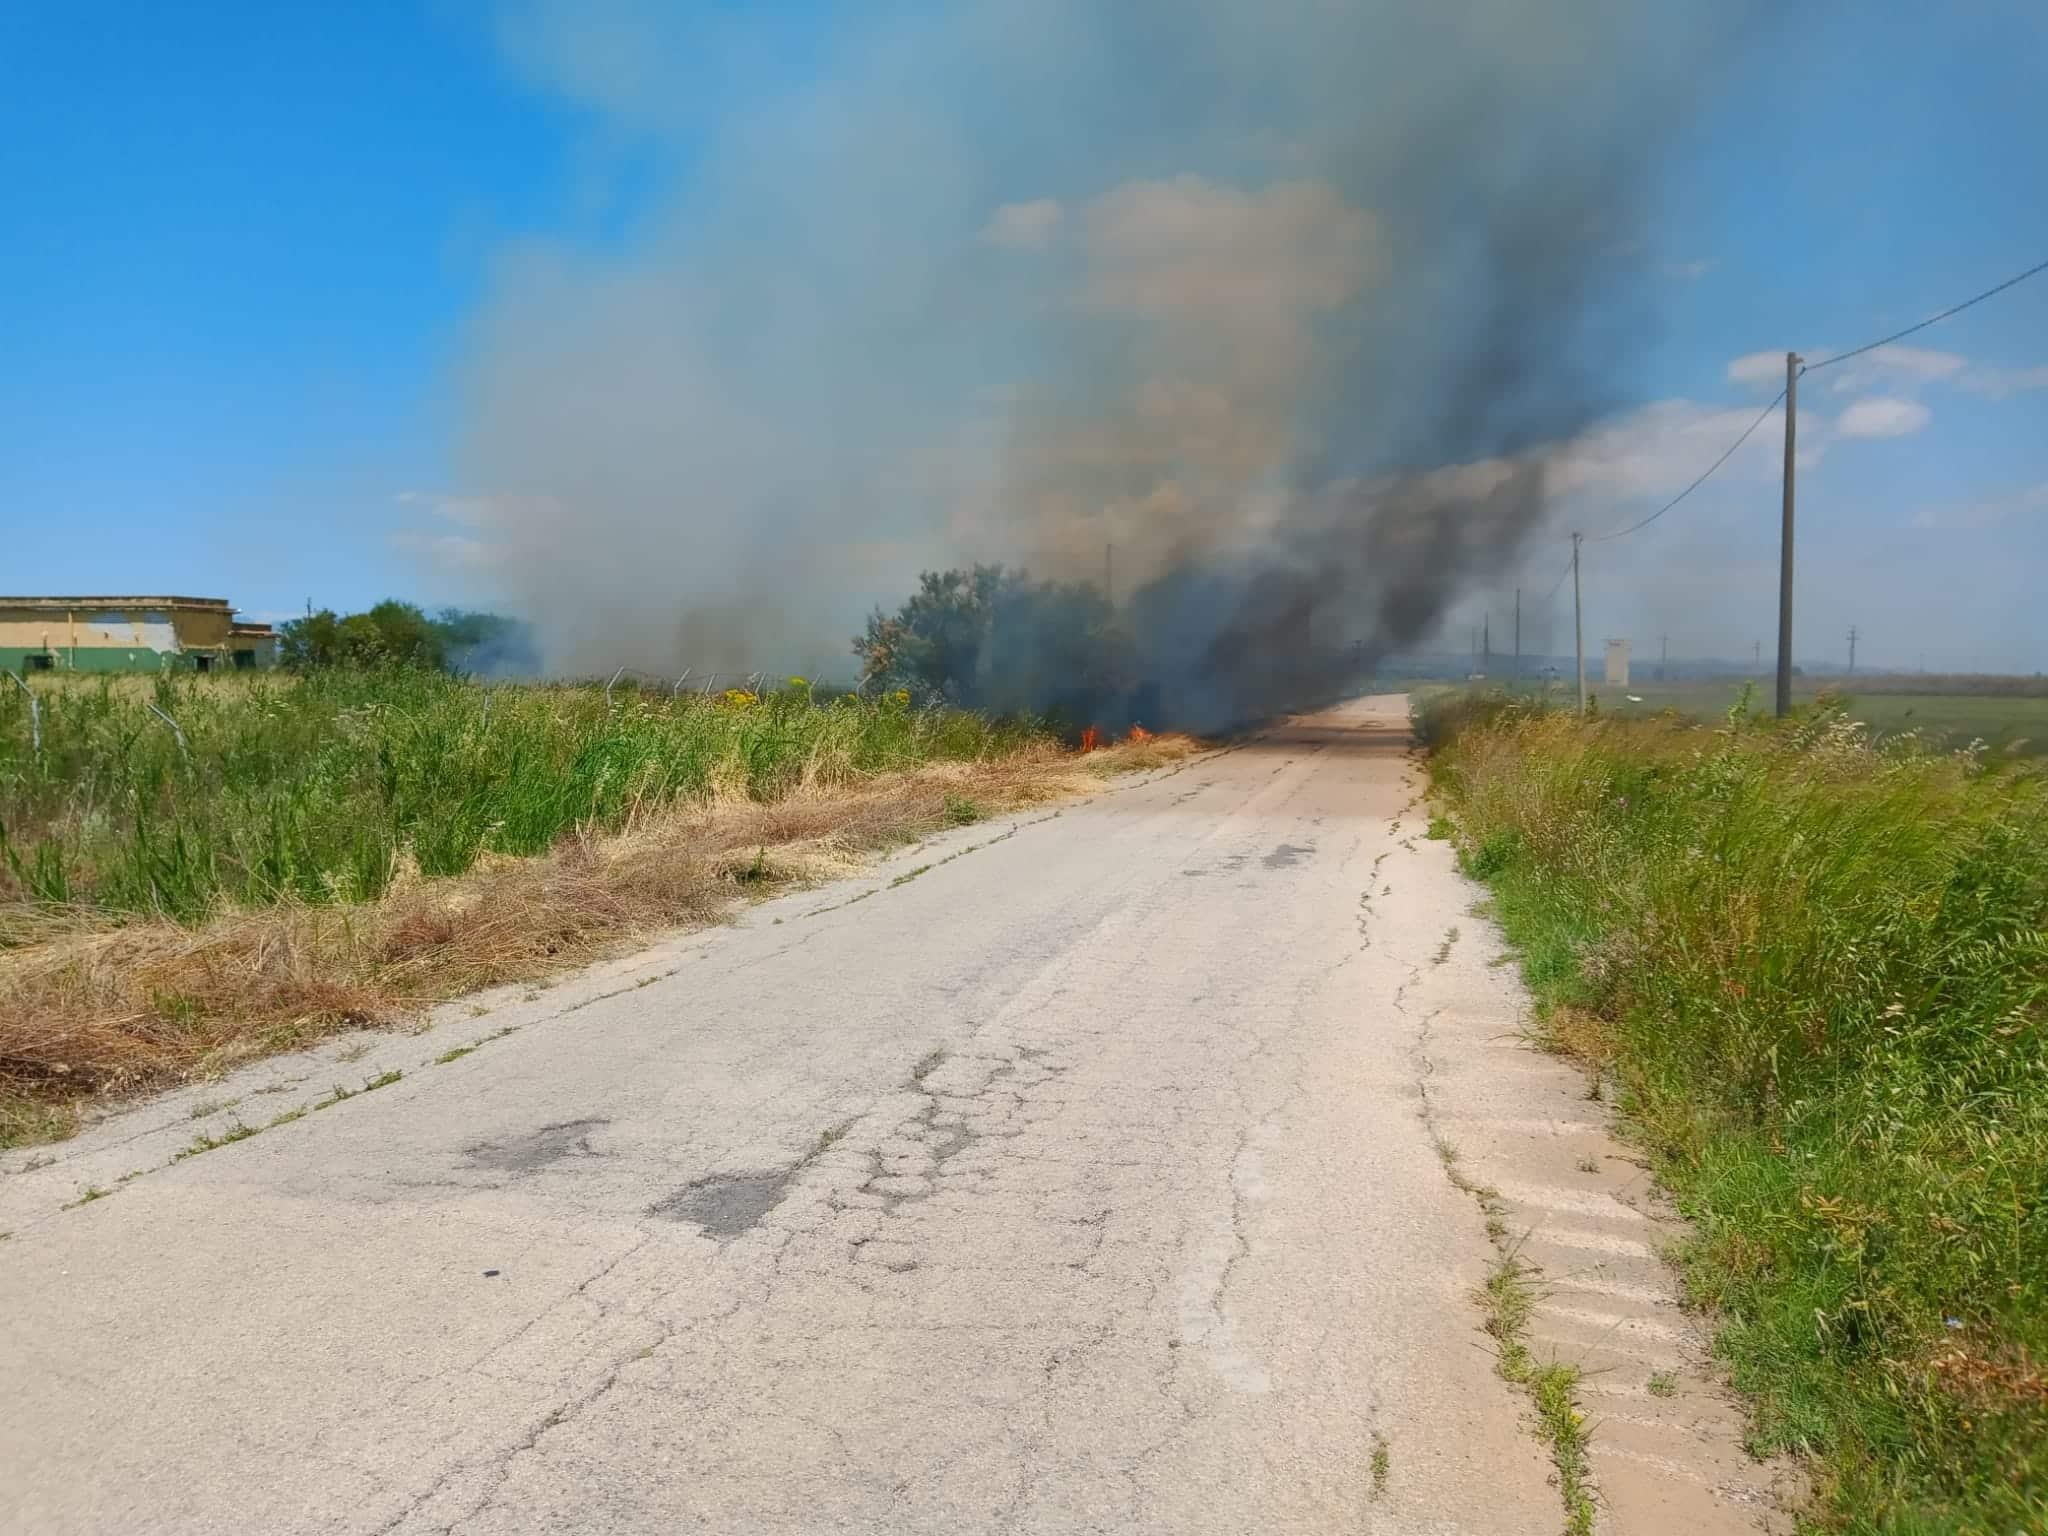 Pericoloso incendio a Sigonella, a rischio area di pertinenza militare – VIDEO e FOTO